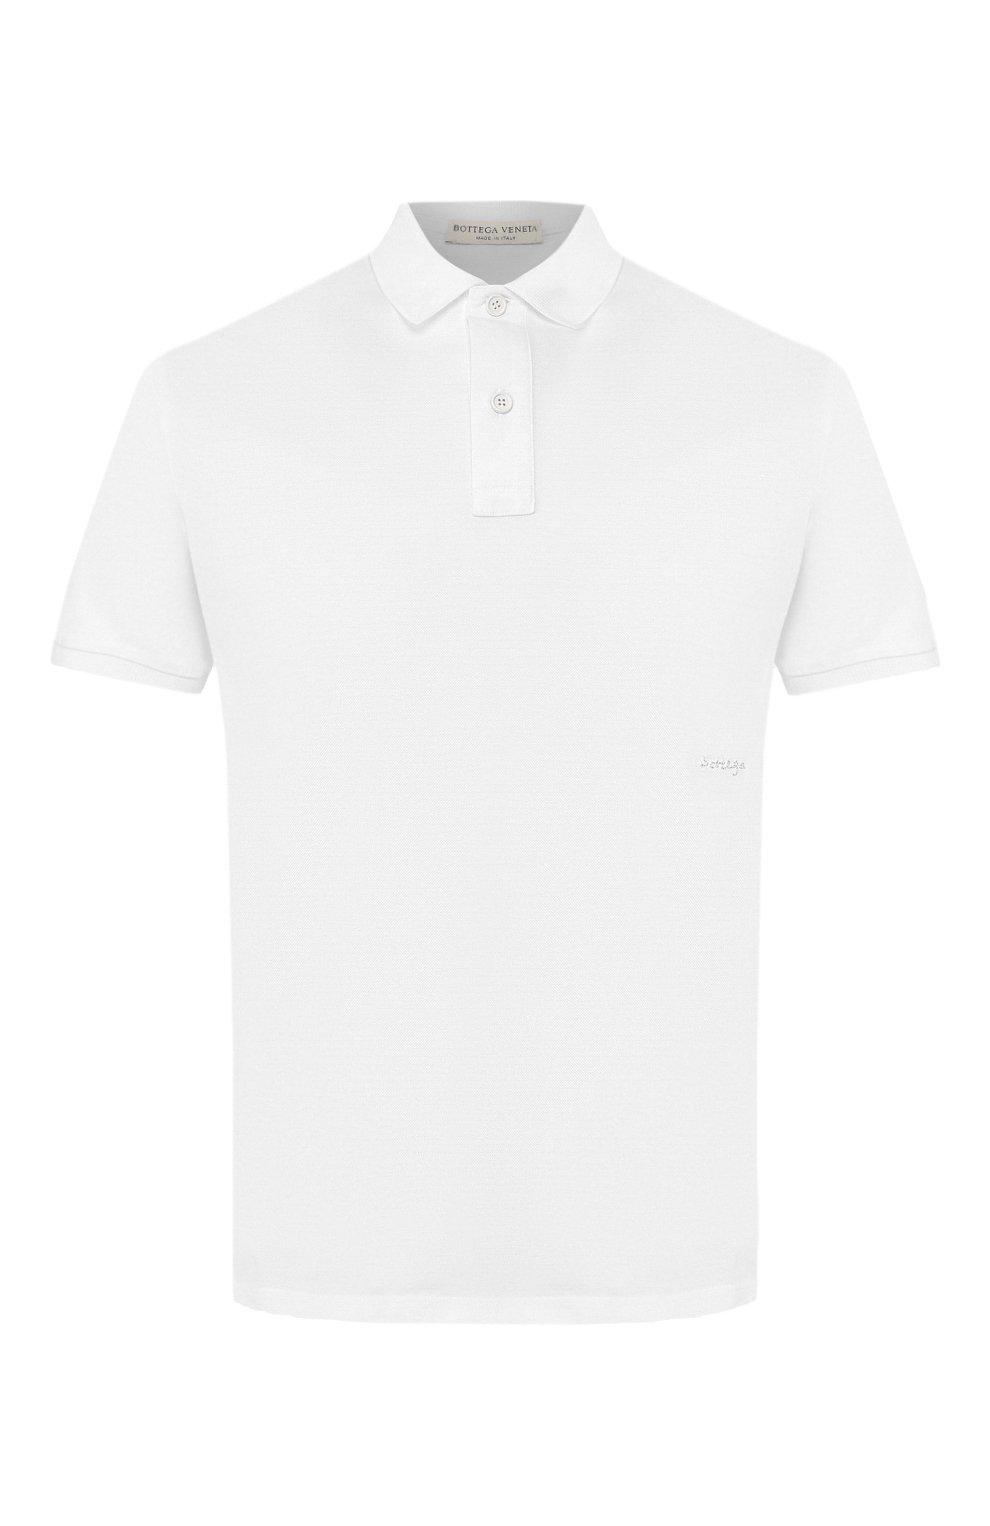 Мужское хлопковое поло BOTTEGA VENETA белого цвета, арт. 599677/VK090   Фото 1 (Застежка: Пуговицы; Рукава: Короткие; Длина (для топов): Стандартные; Материал внешний: Хлопок)